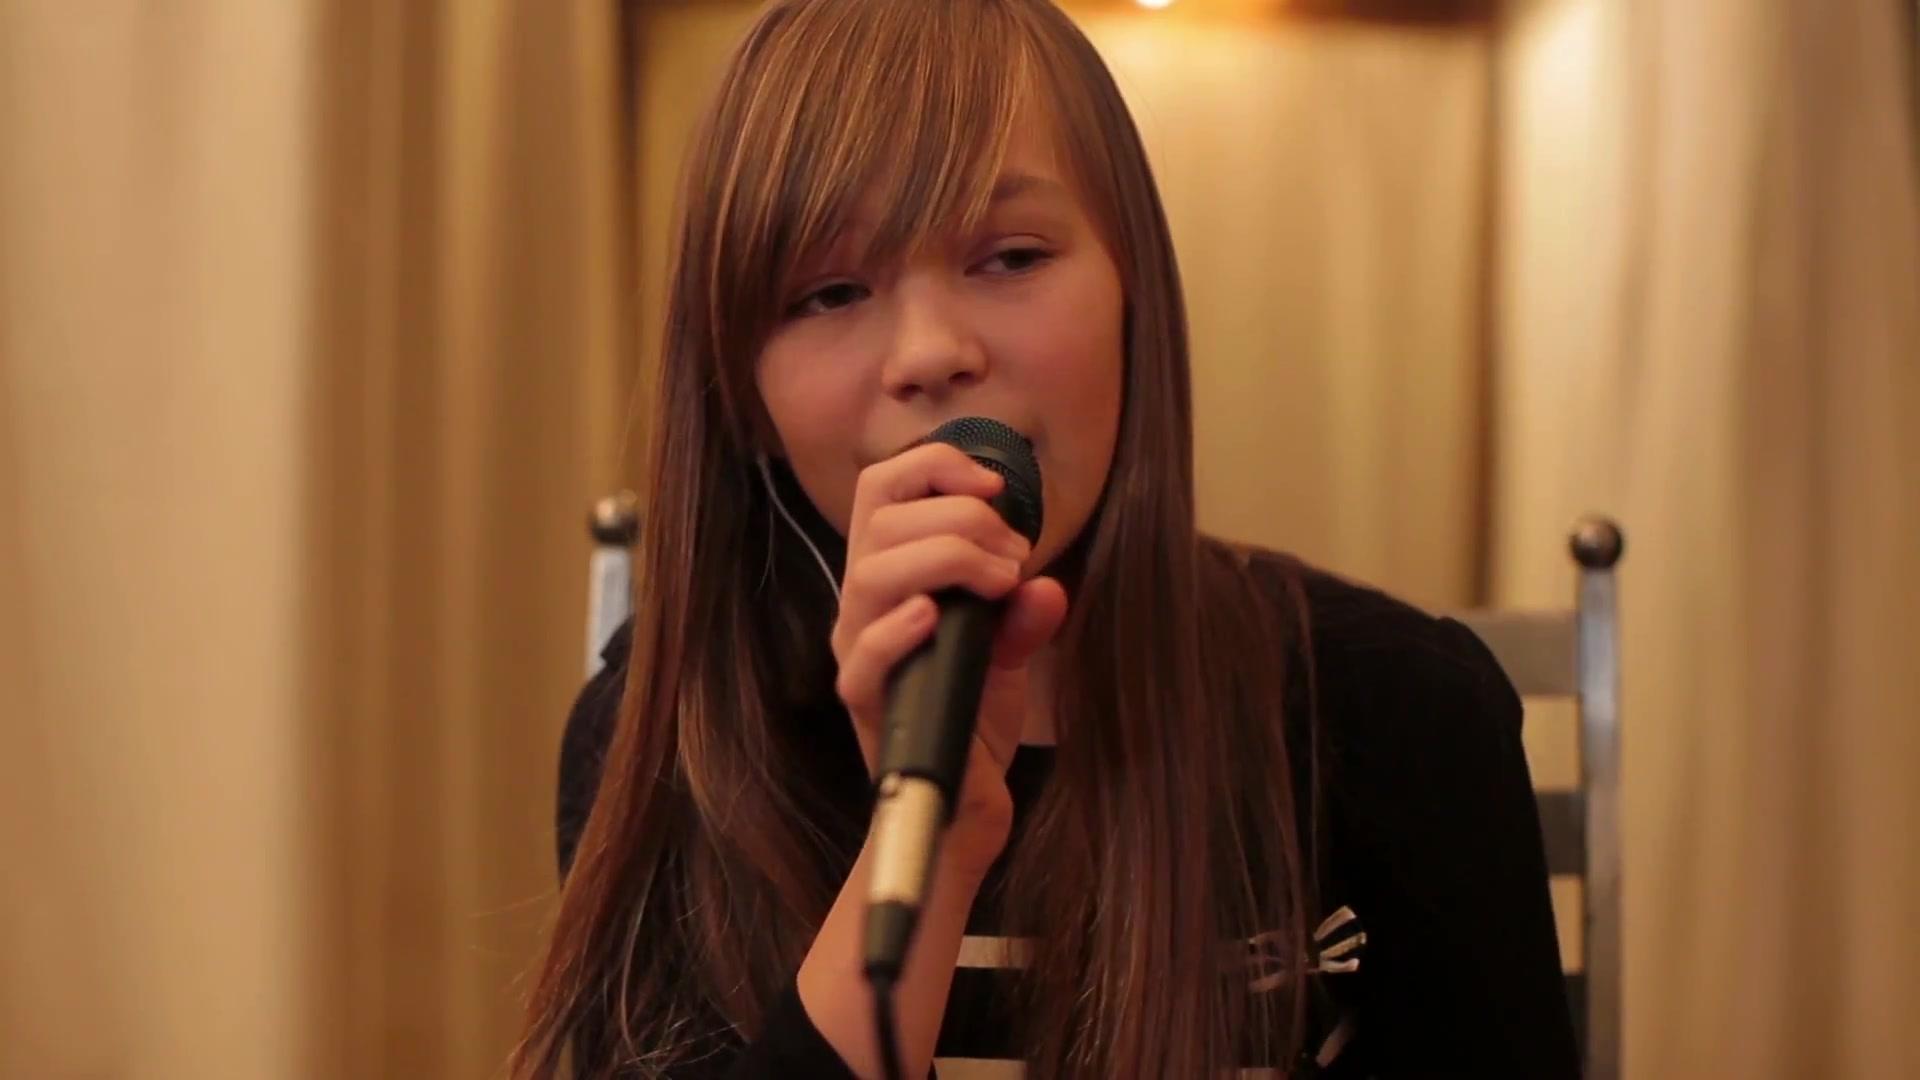 美少妇康妮_康妮的歌曲视频大全 图片合集